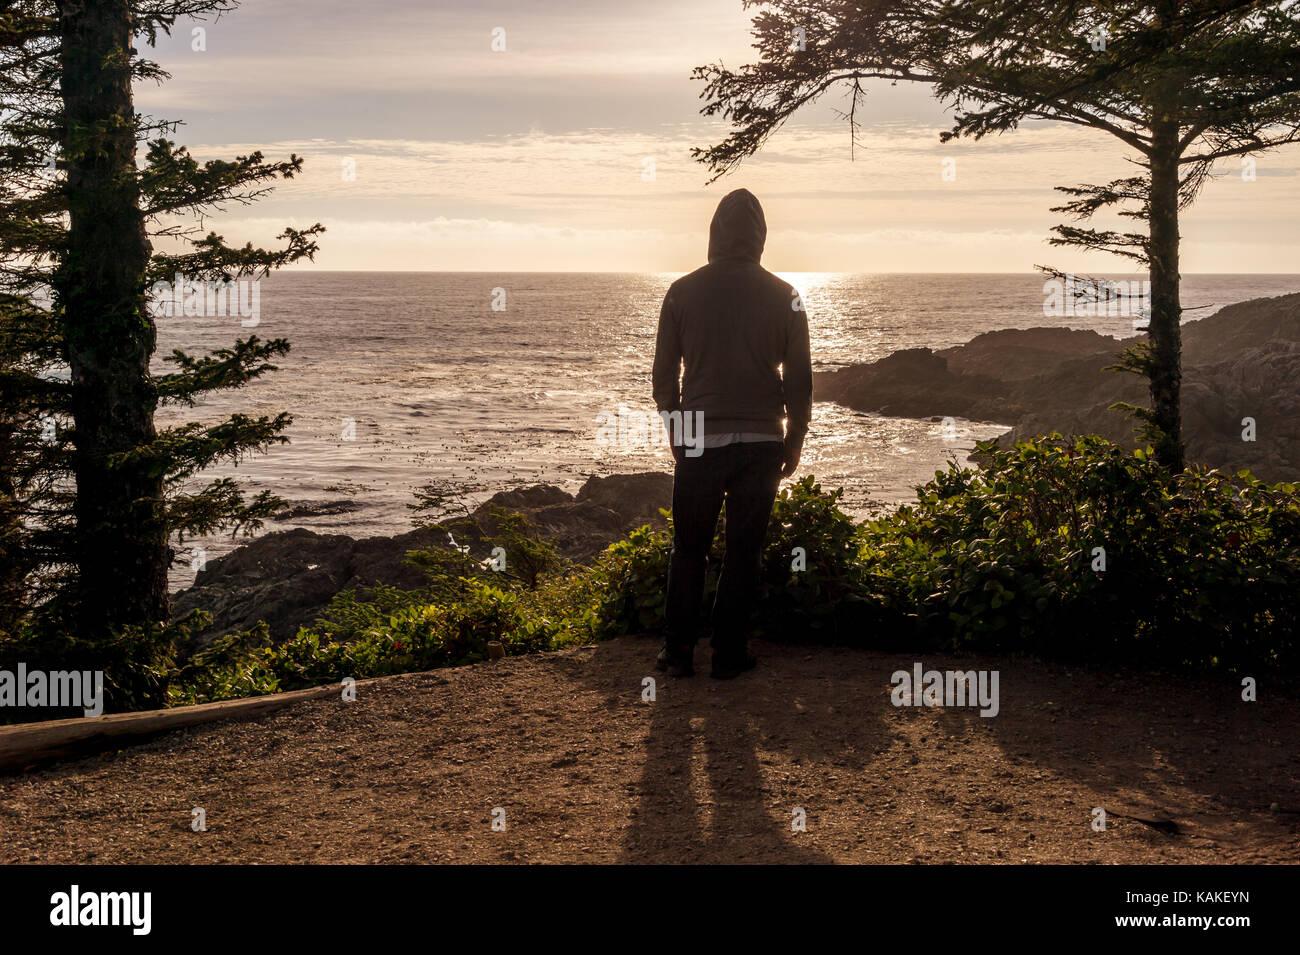 Hombre de pie con vistas al mar en la isla de Vancouver al atardecer Foto de stock